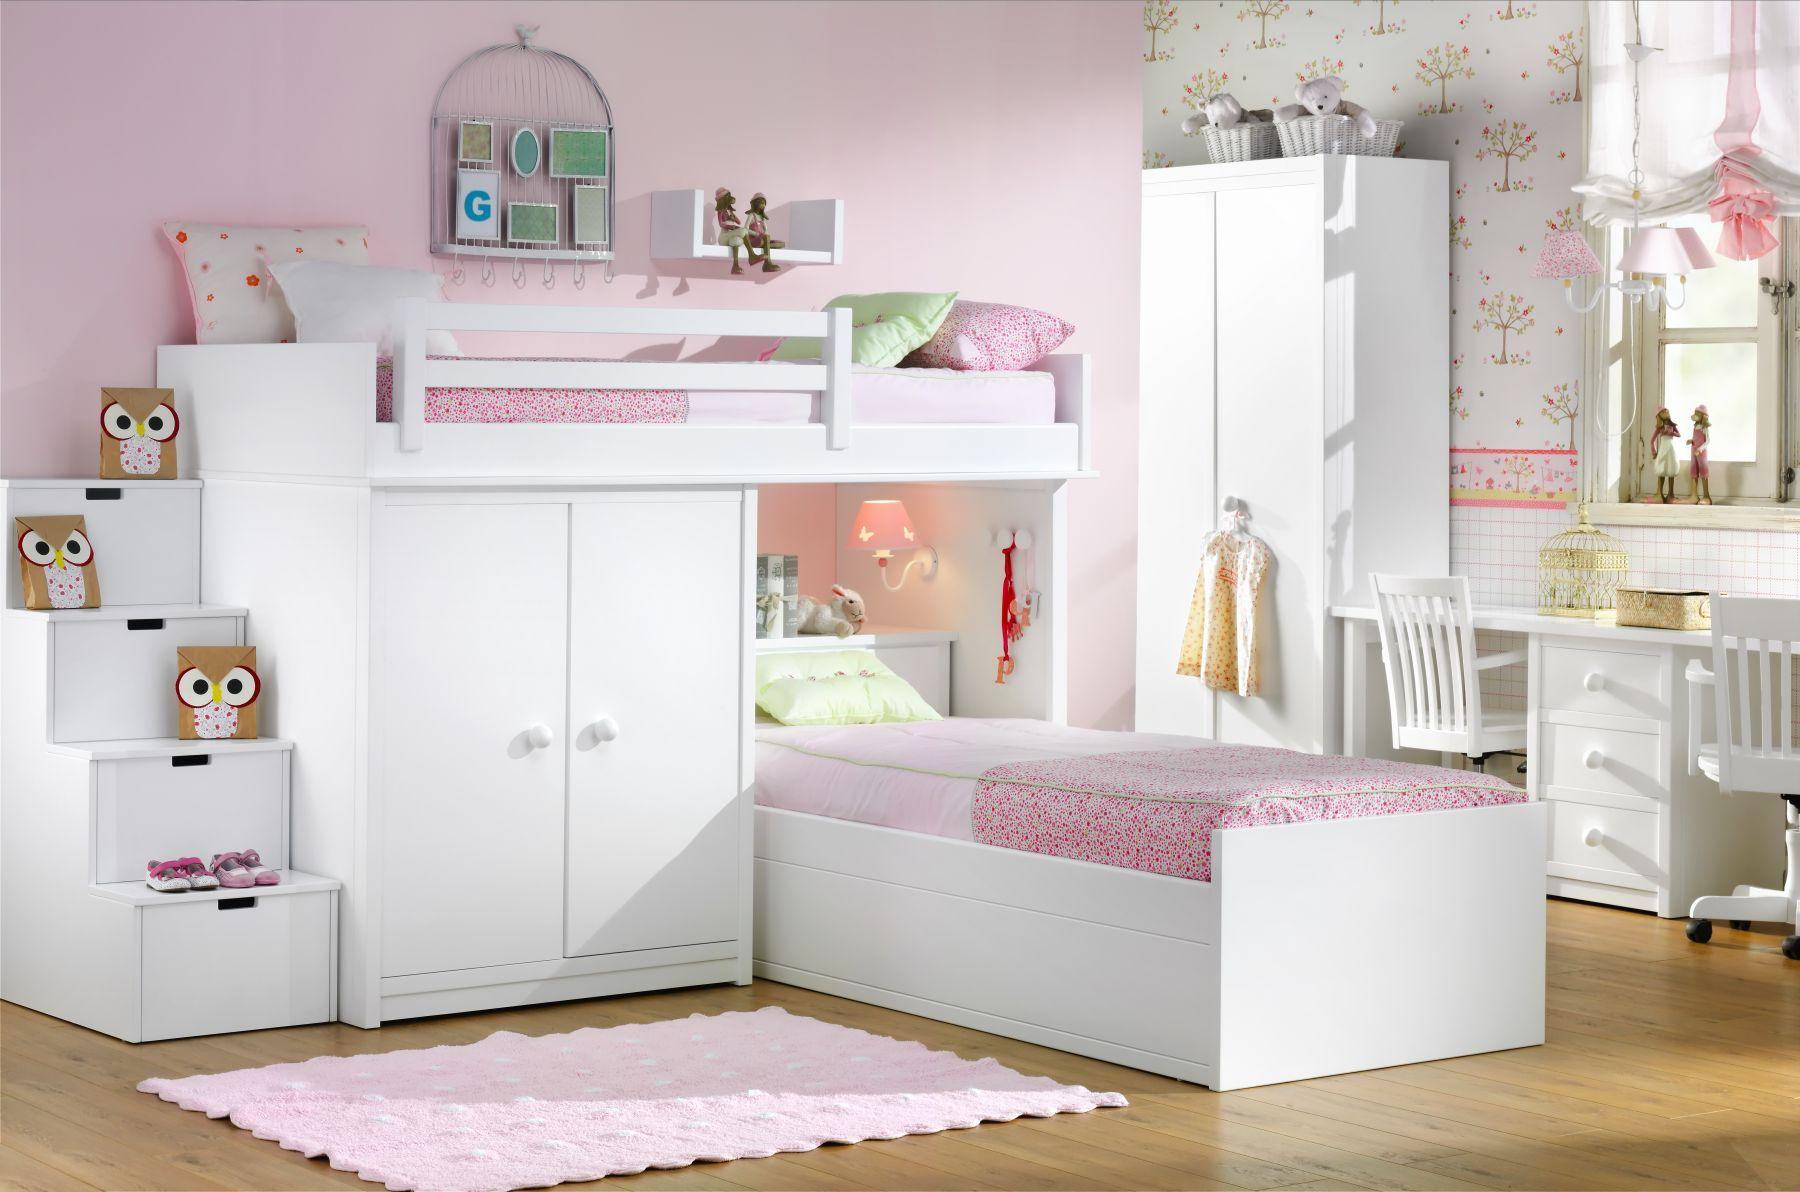 Garabatos tiendas de mobiliario juvenil e infantil dormitorios habitaciones y muebles - Mobiliario habitacion bebe ...